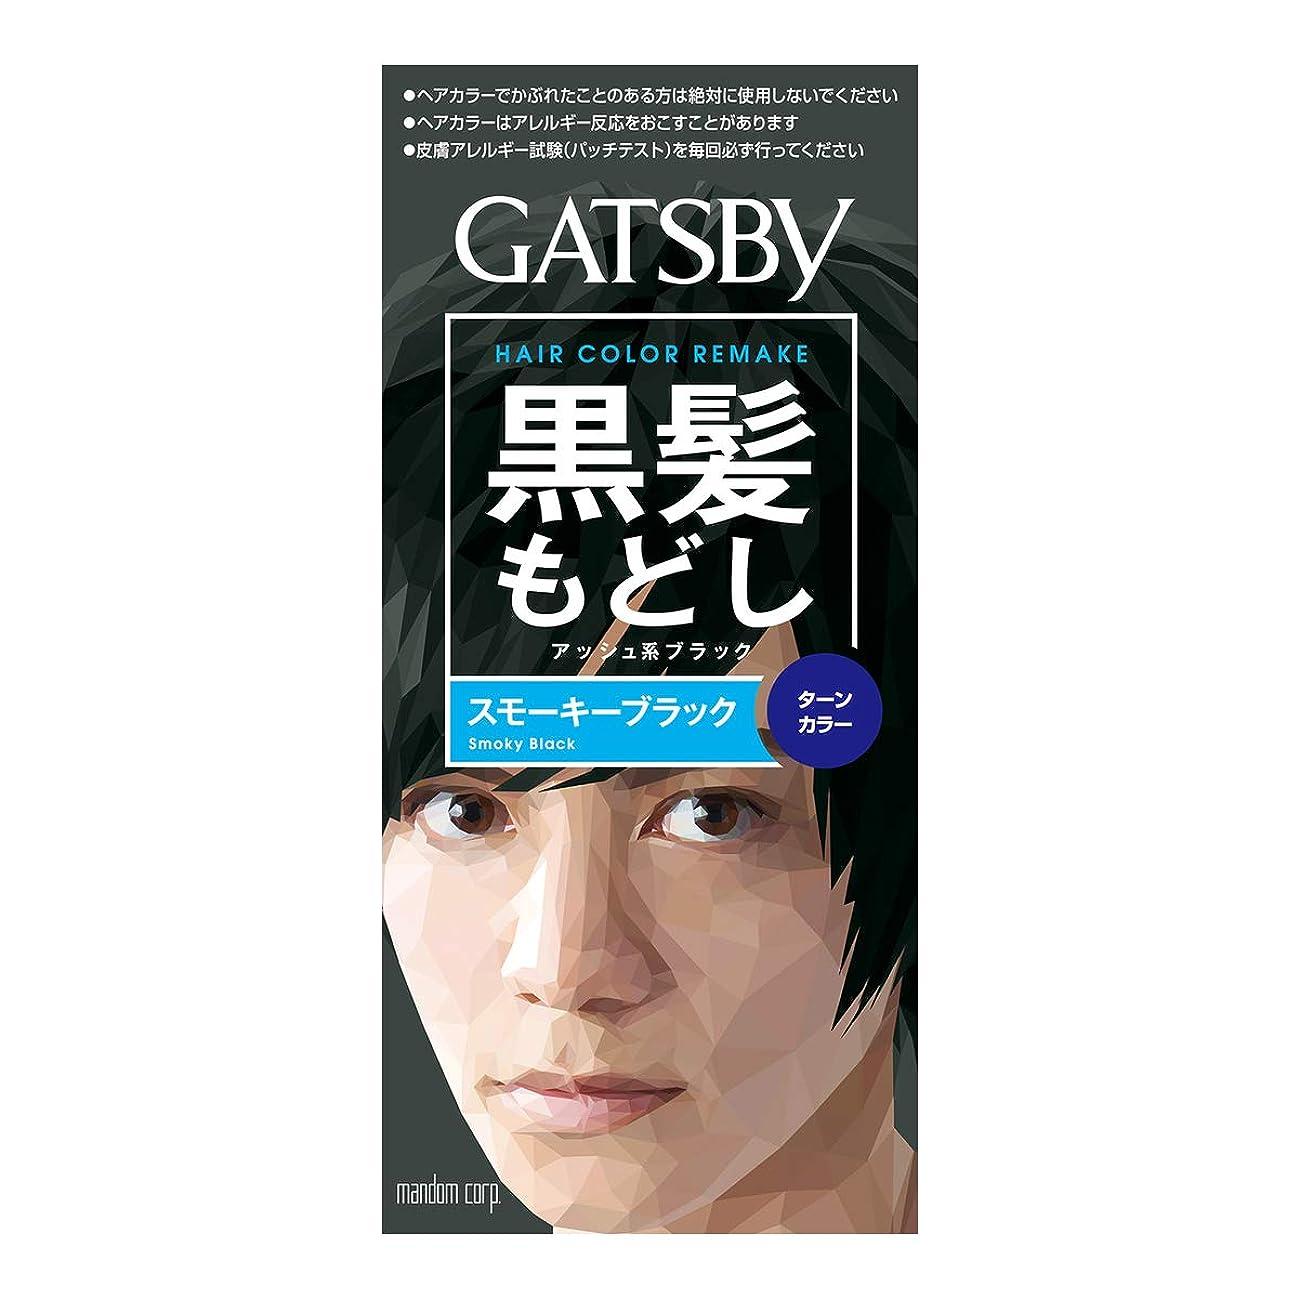 醜い上がる散髪ギャツビー ターンカラー スモーキーブラック【HTRC5.1】